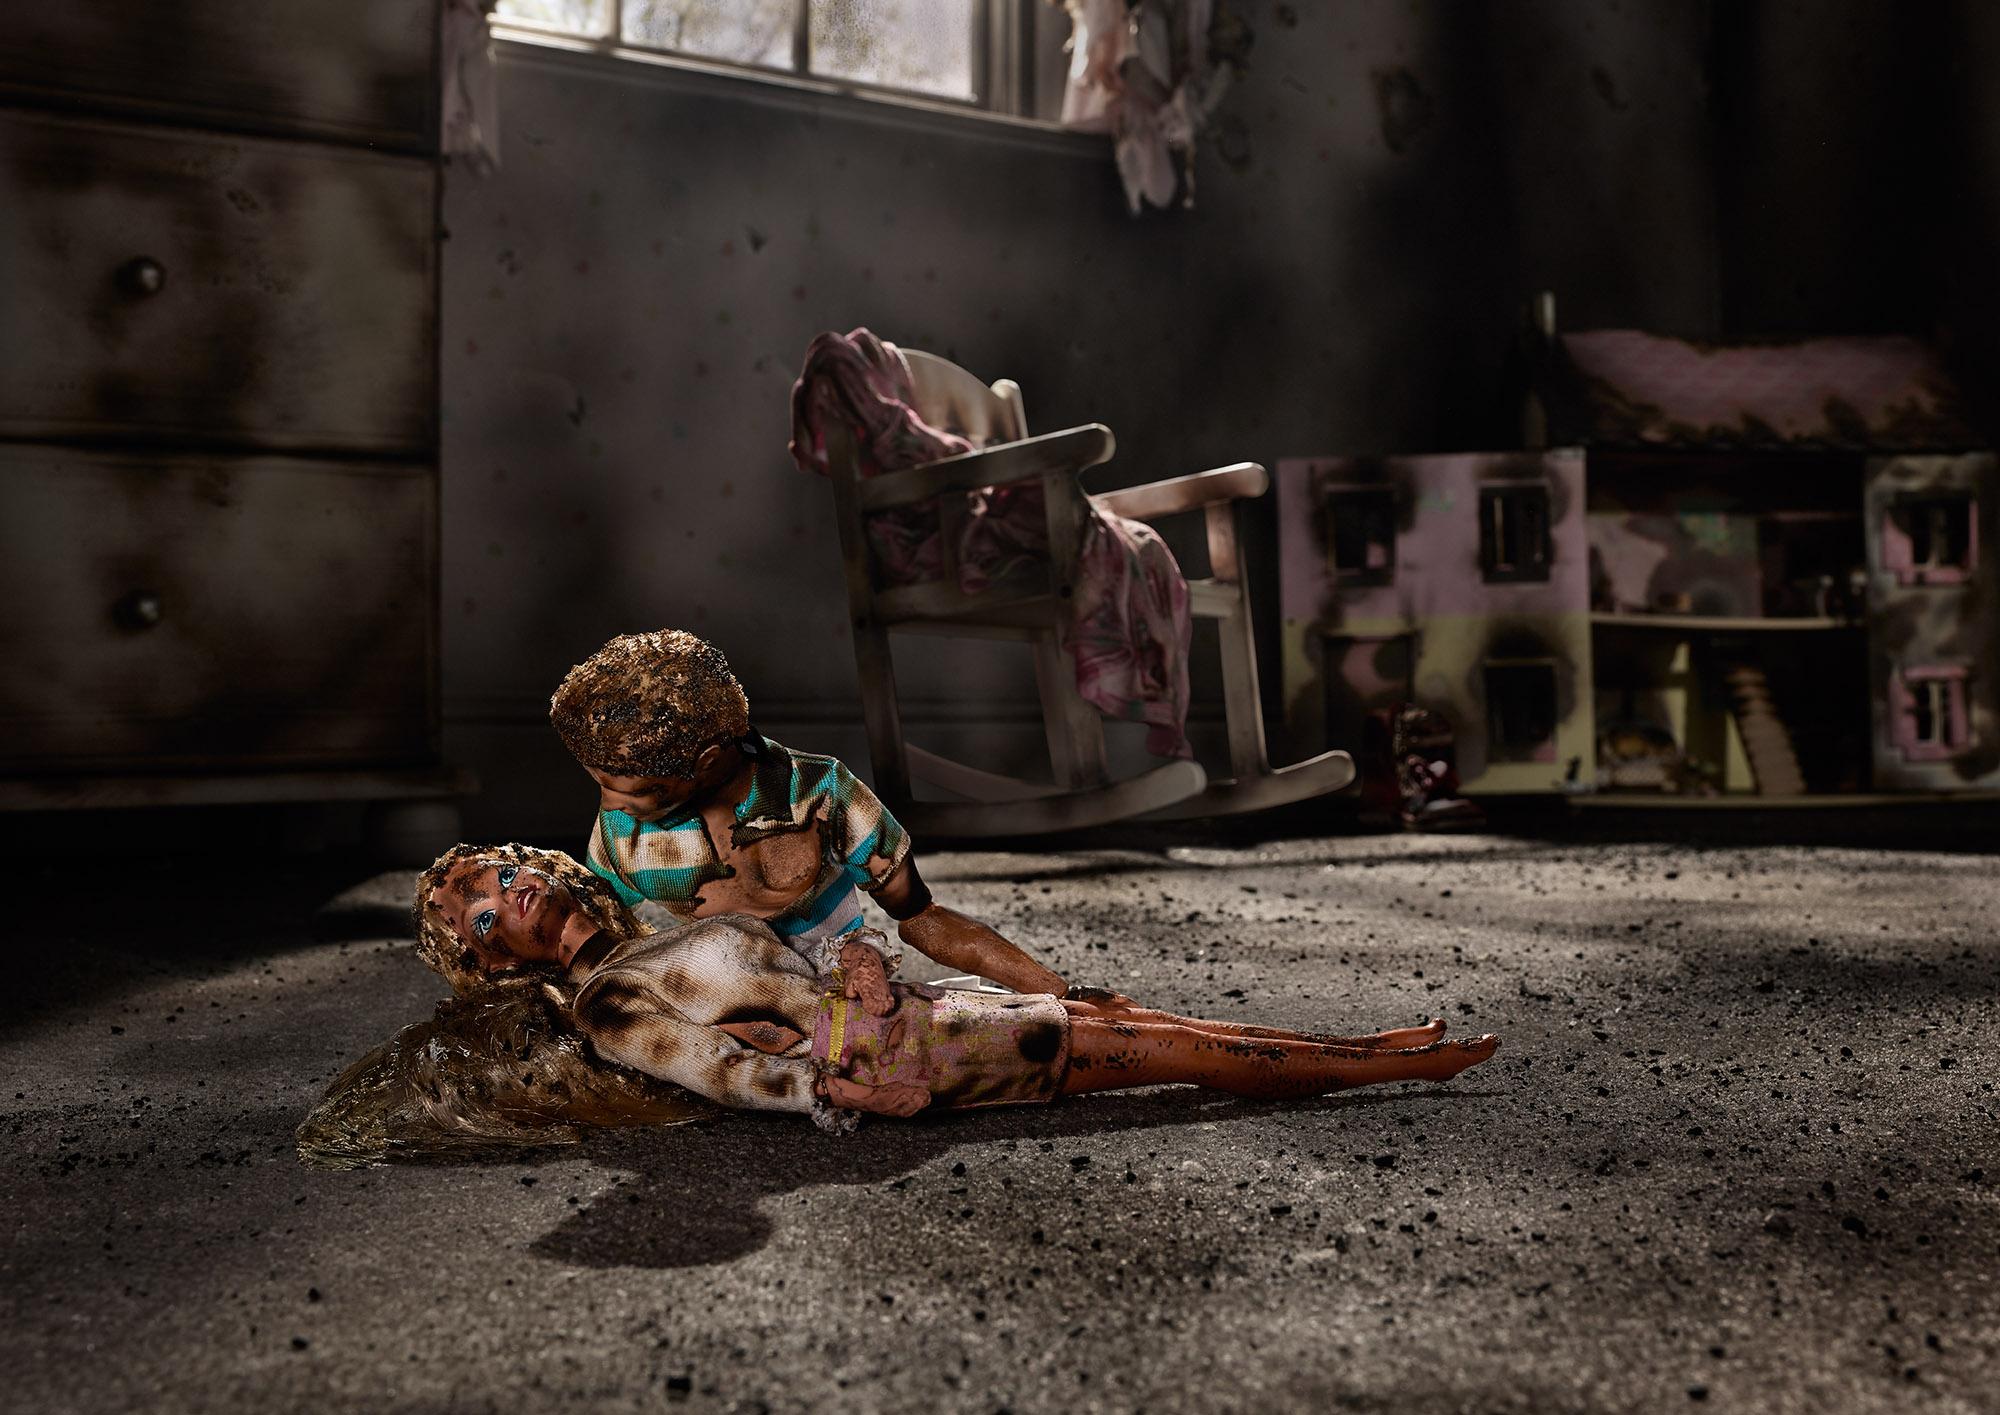 Tal Silverman Fire Damage Ken & Barbie Dolls